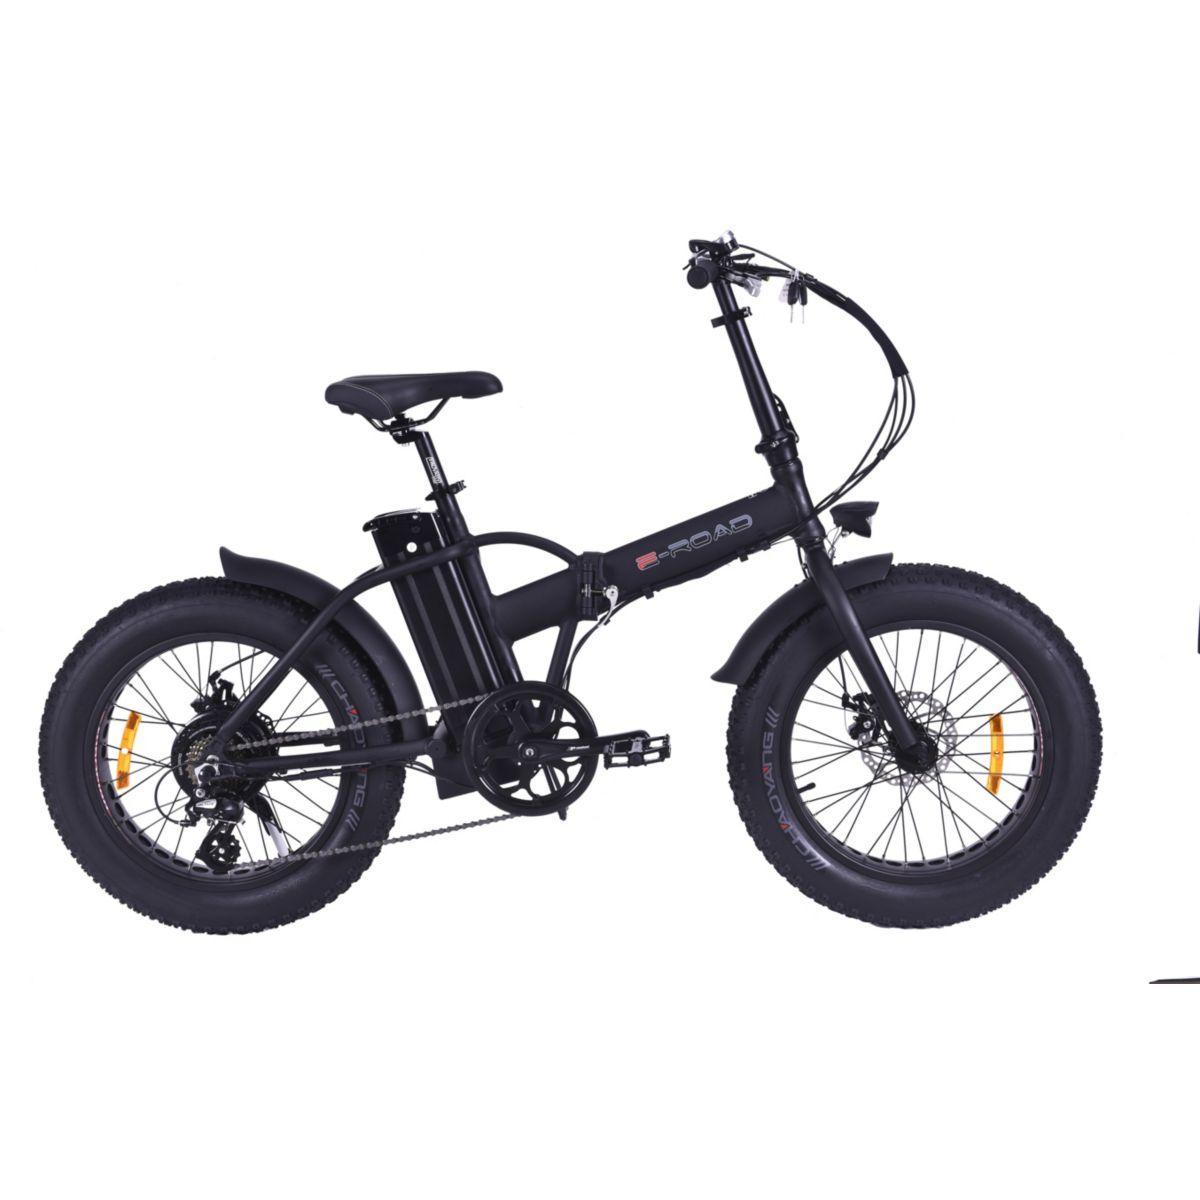 V?lo ? assistance ?lectrique e-road mini fat bike noir - livra...